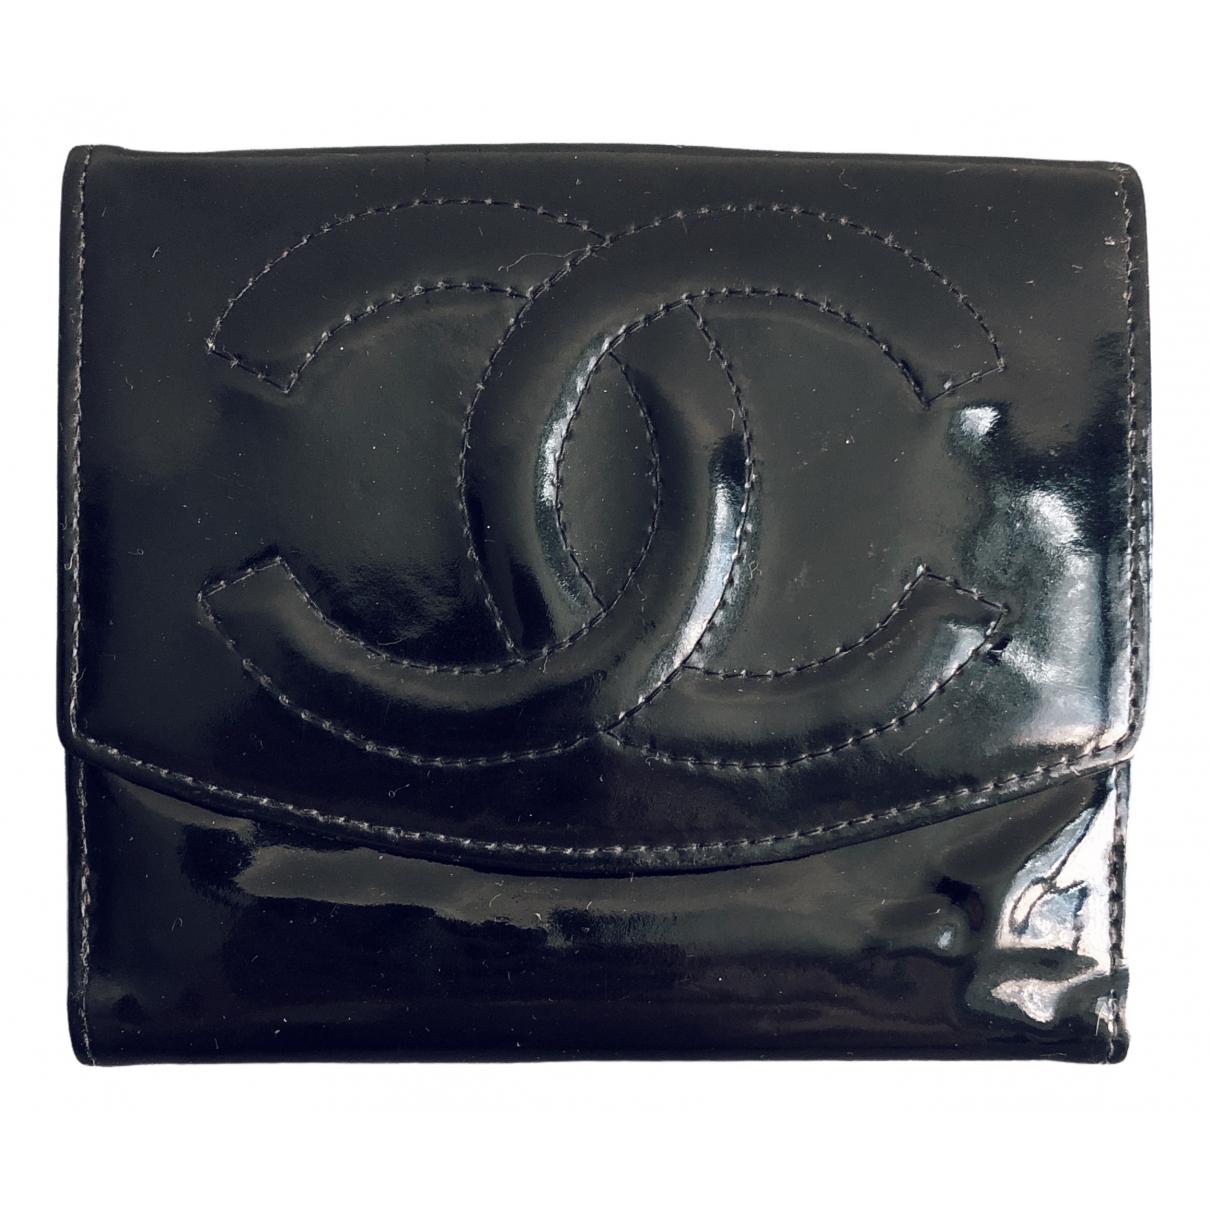 Chanel \N Kleinlederwaren in  Schwarz Lackleder